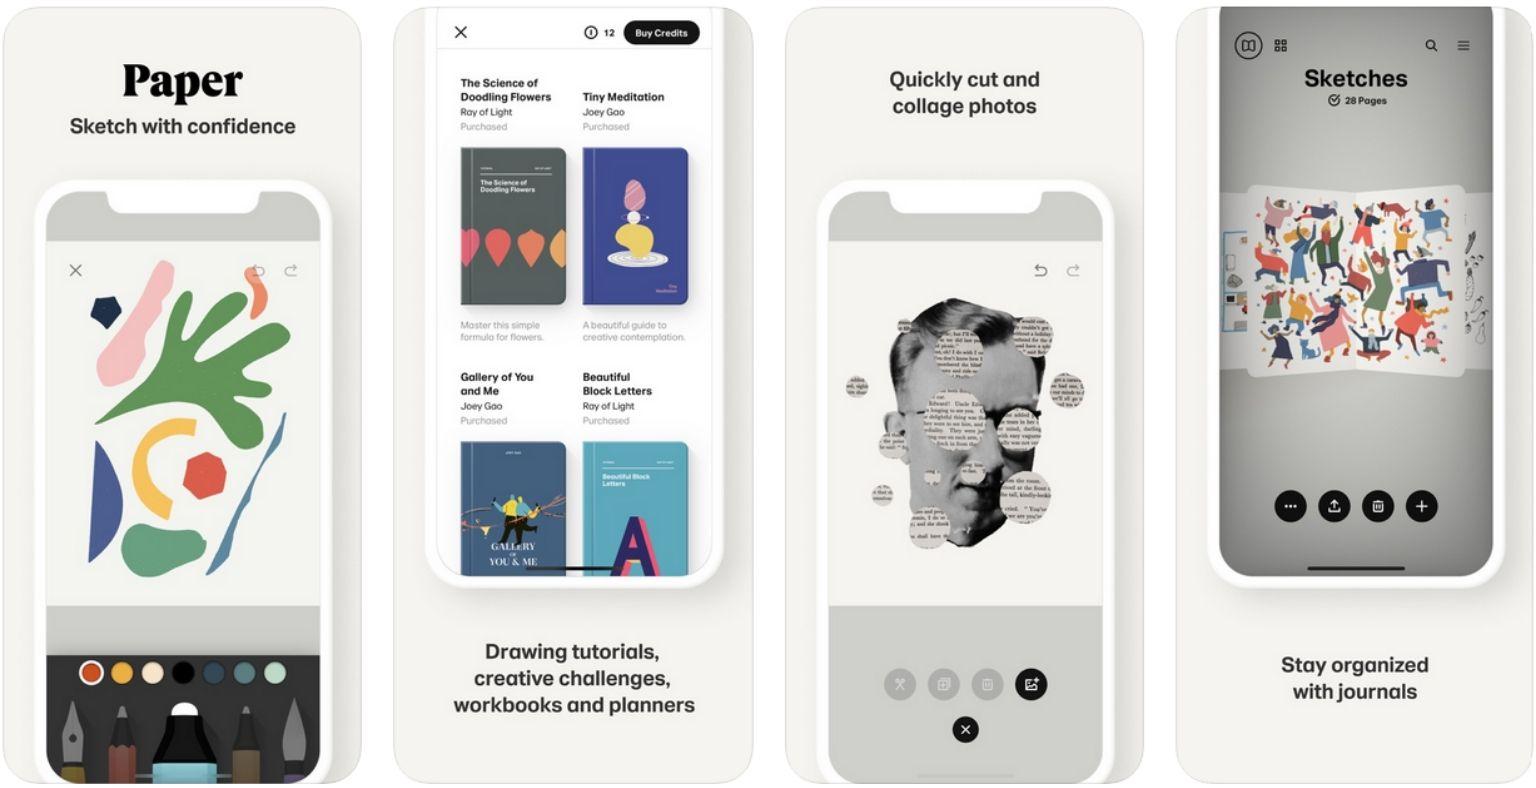 Paper - screenshot | ArchiSnapper Blog